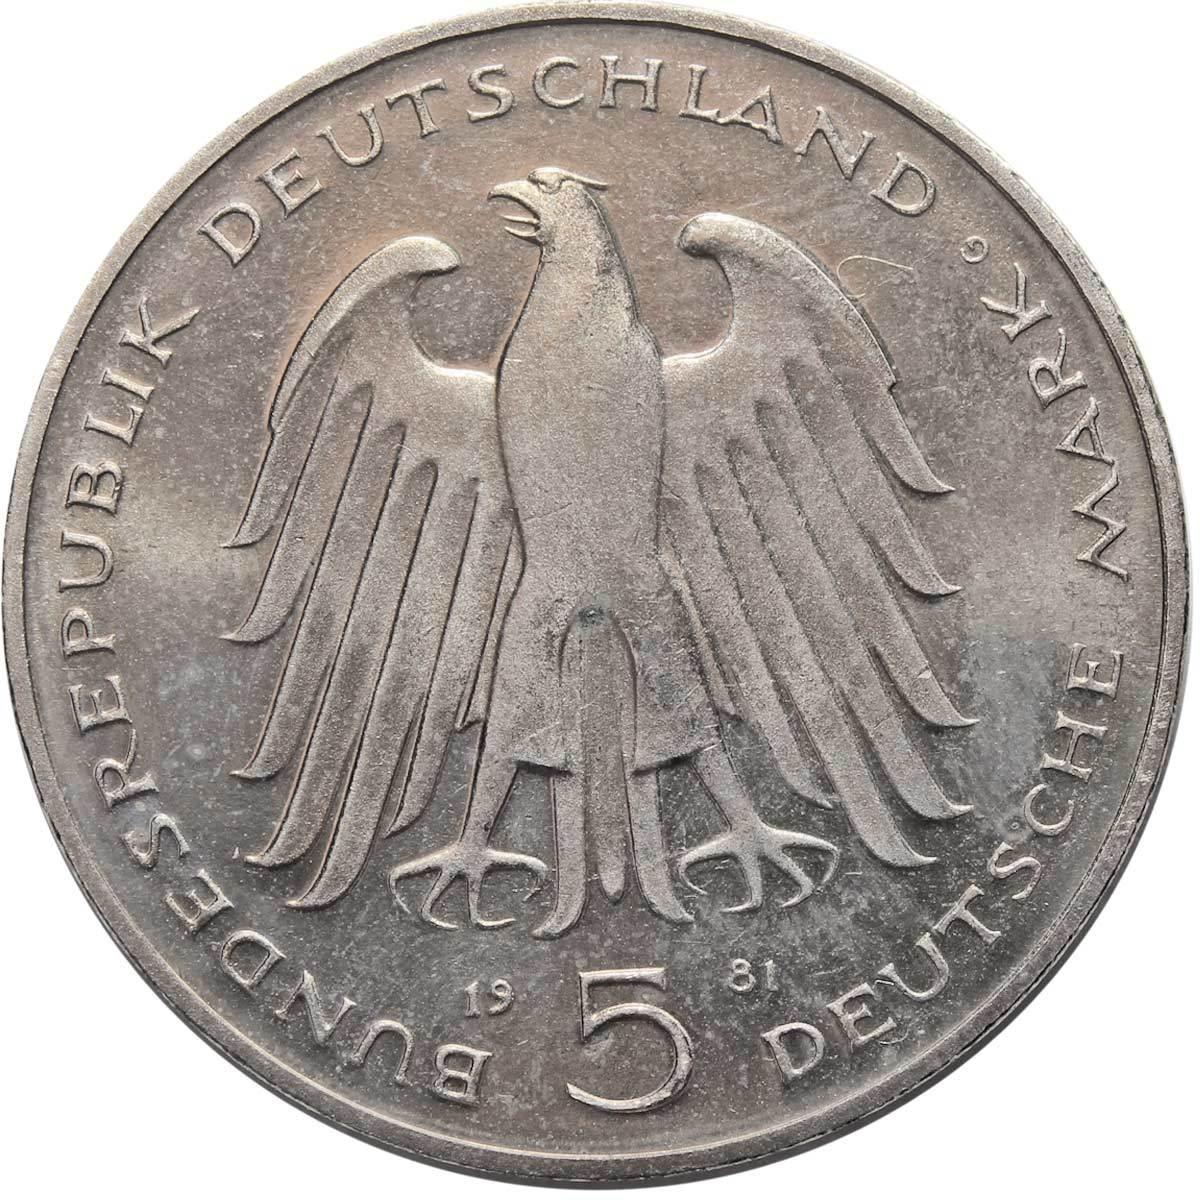 5 марок. 150 лет со дня смерти Карла фом Штейна (G). Медноникель. 1981 г. AU